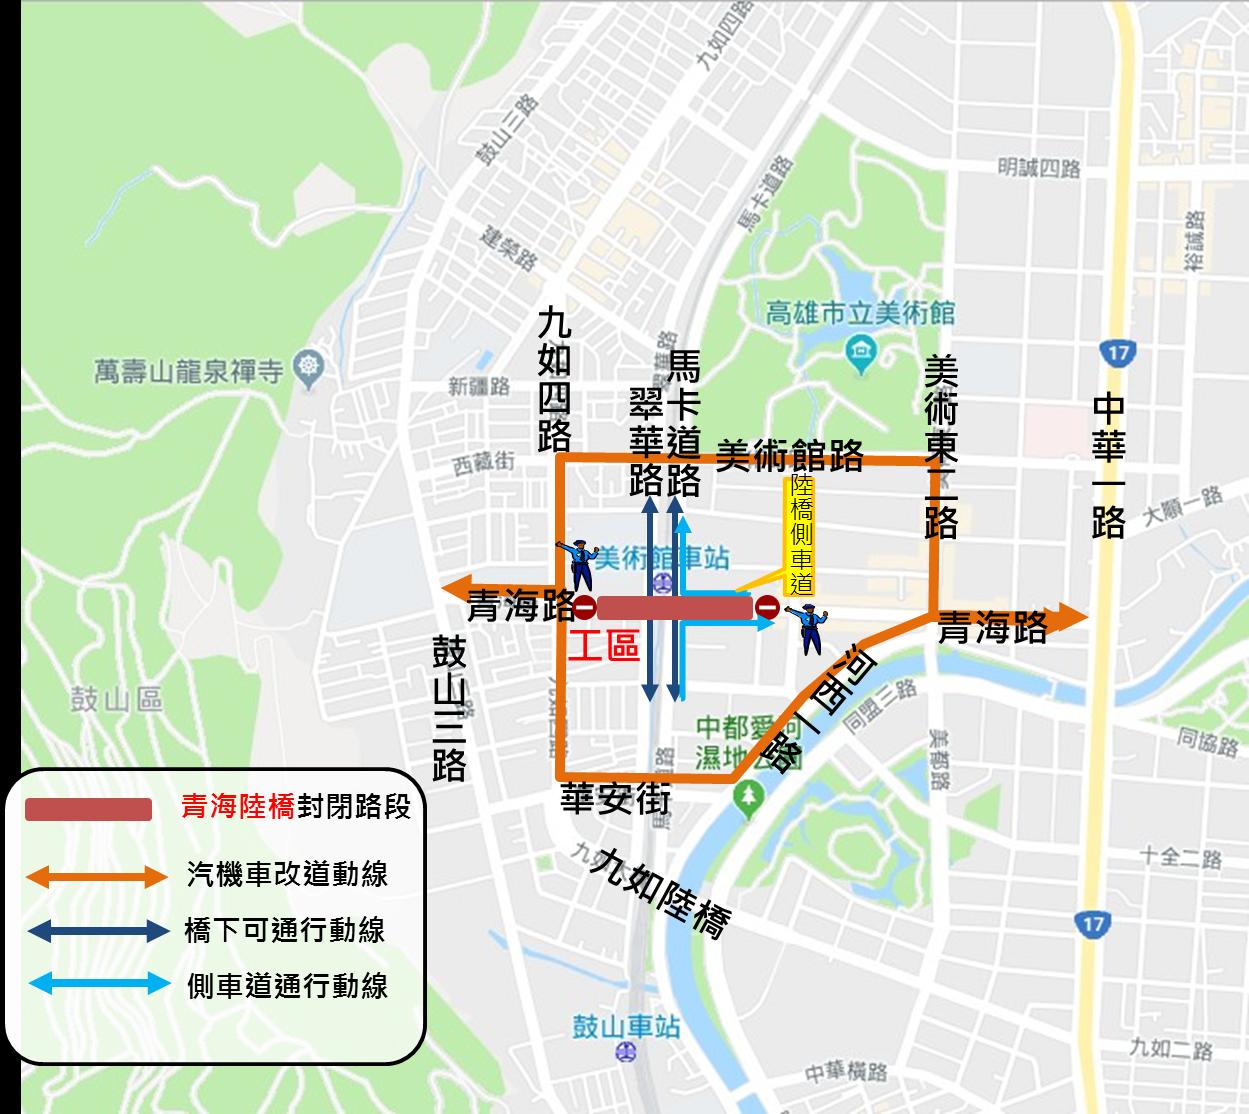 青海陸橋施工改道動線圖.png